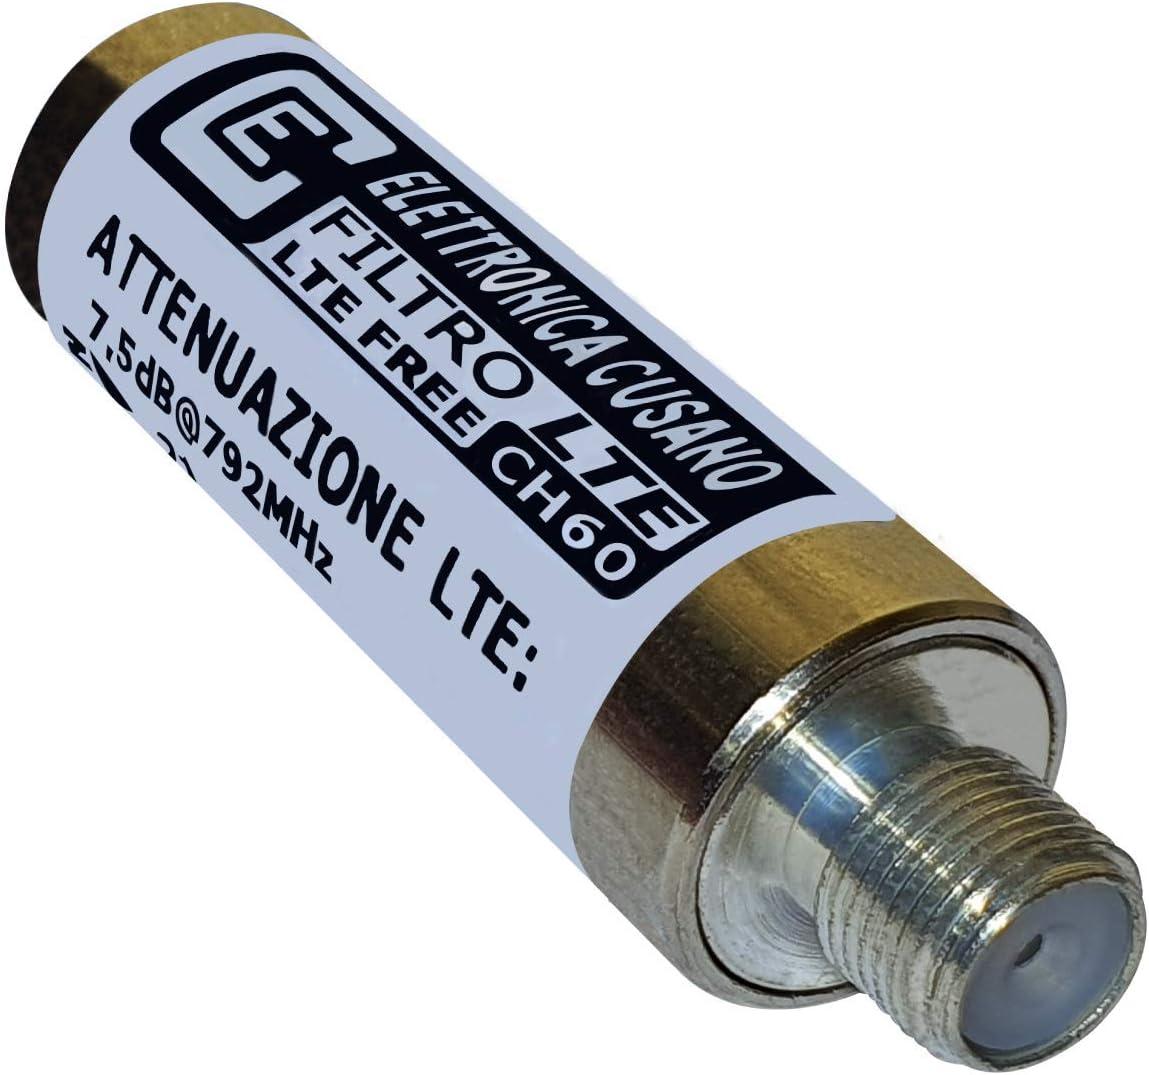 ECLTE – Filtro LTE en Versión de Acoplamiento para el dipolo de una Antena UHF – atenuación de Paso de < 2dB